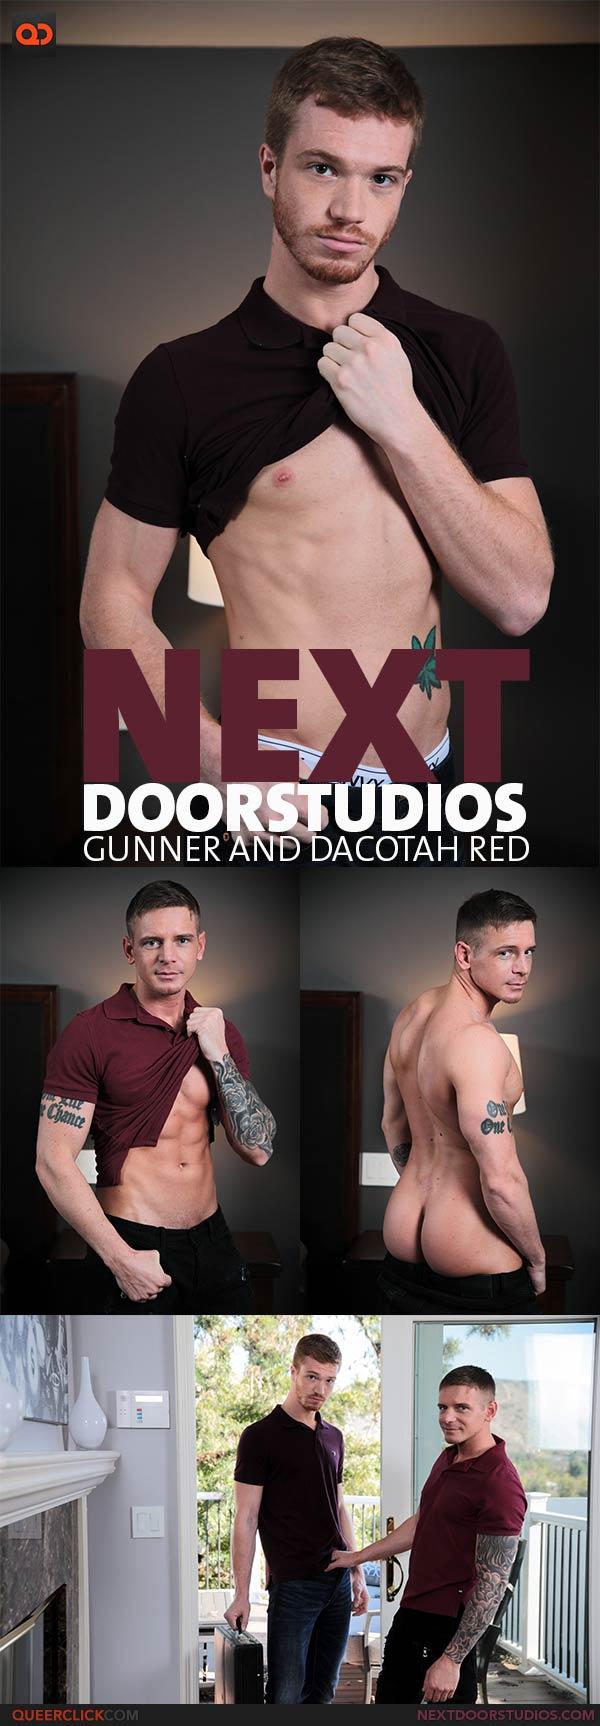 Next Door Studios:  Gunner and Dacotah Red